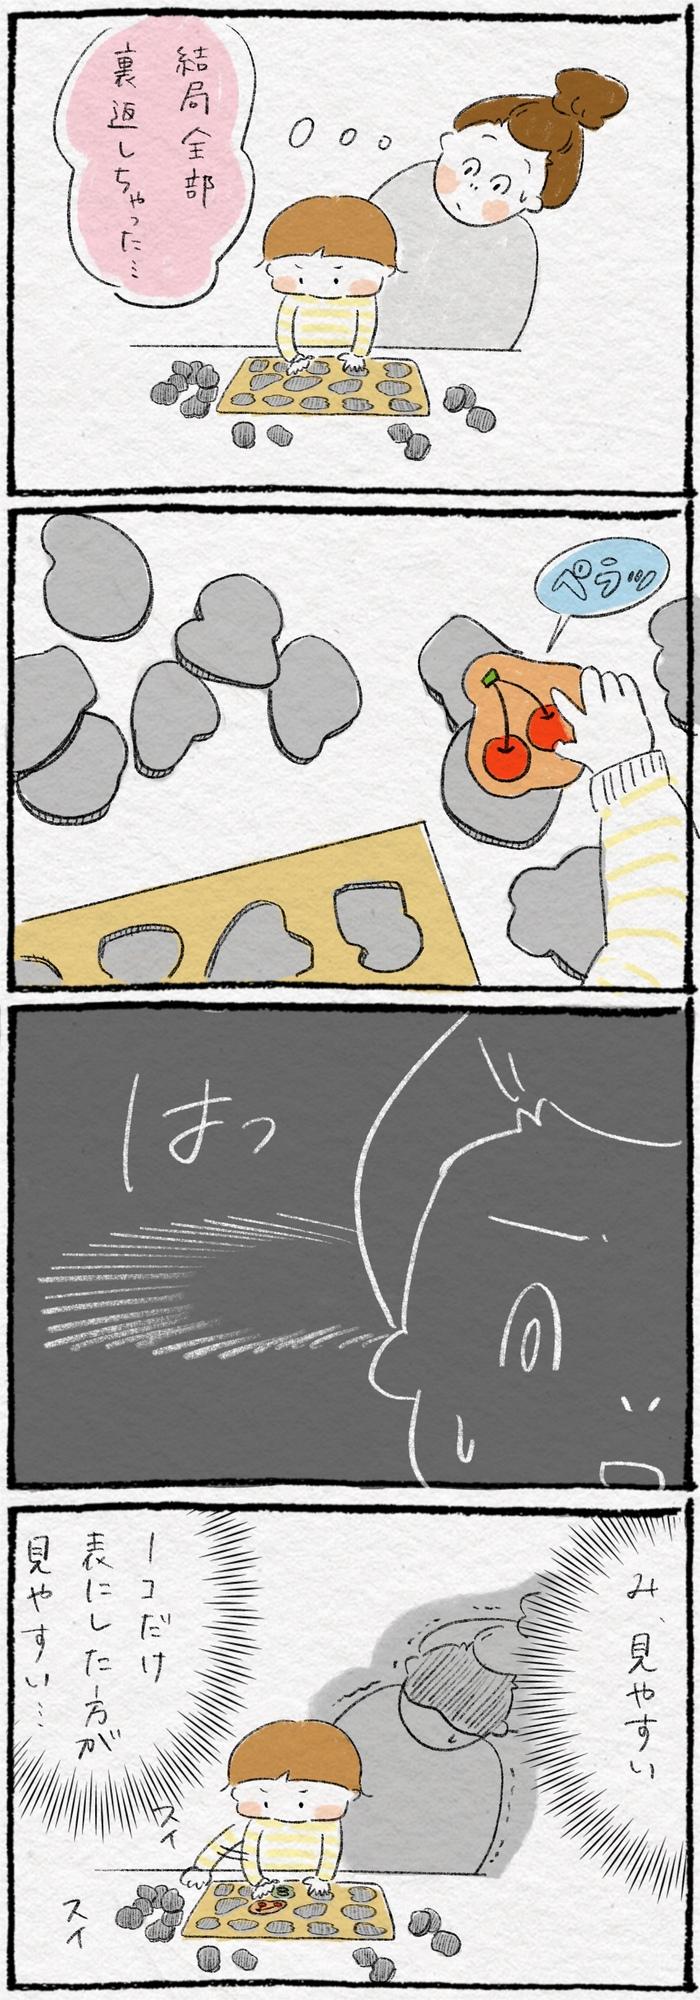 「遊び方」に口出ししてはいけない。娘のパズル遊びを見て考えさせられたことの画像3